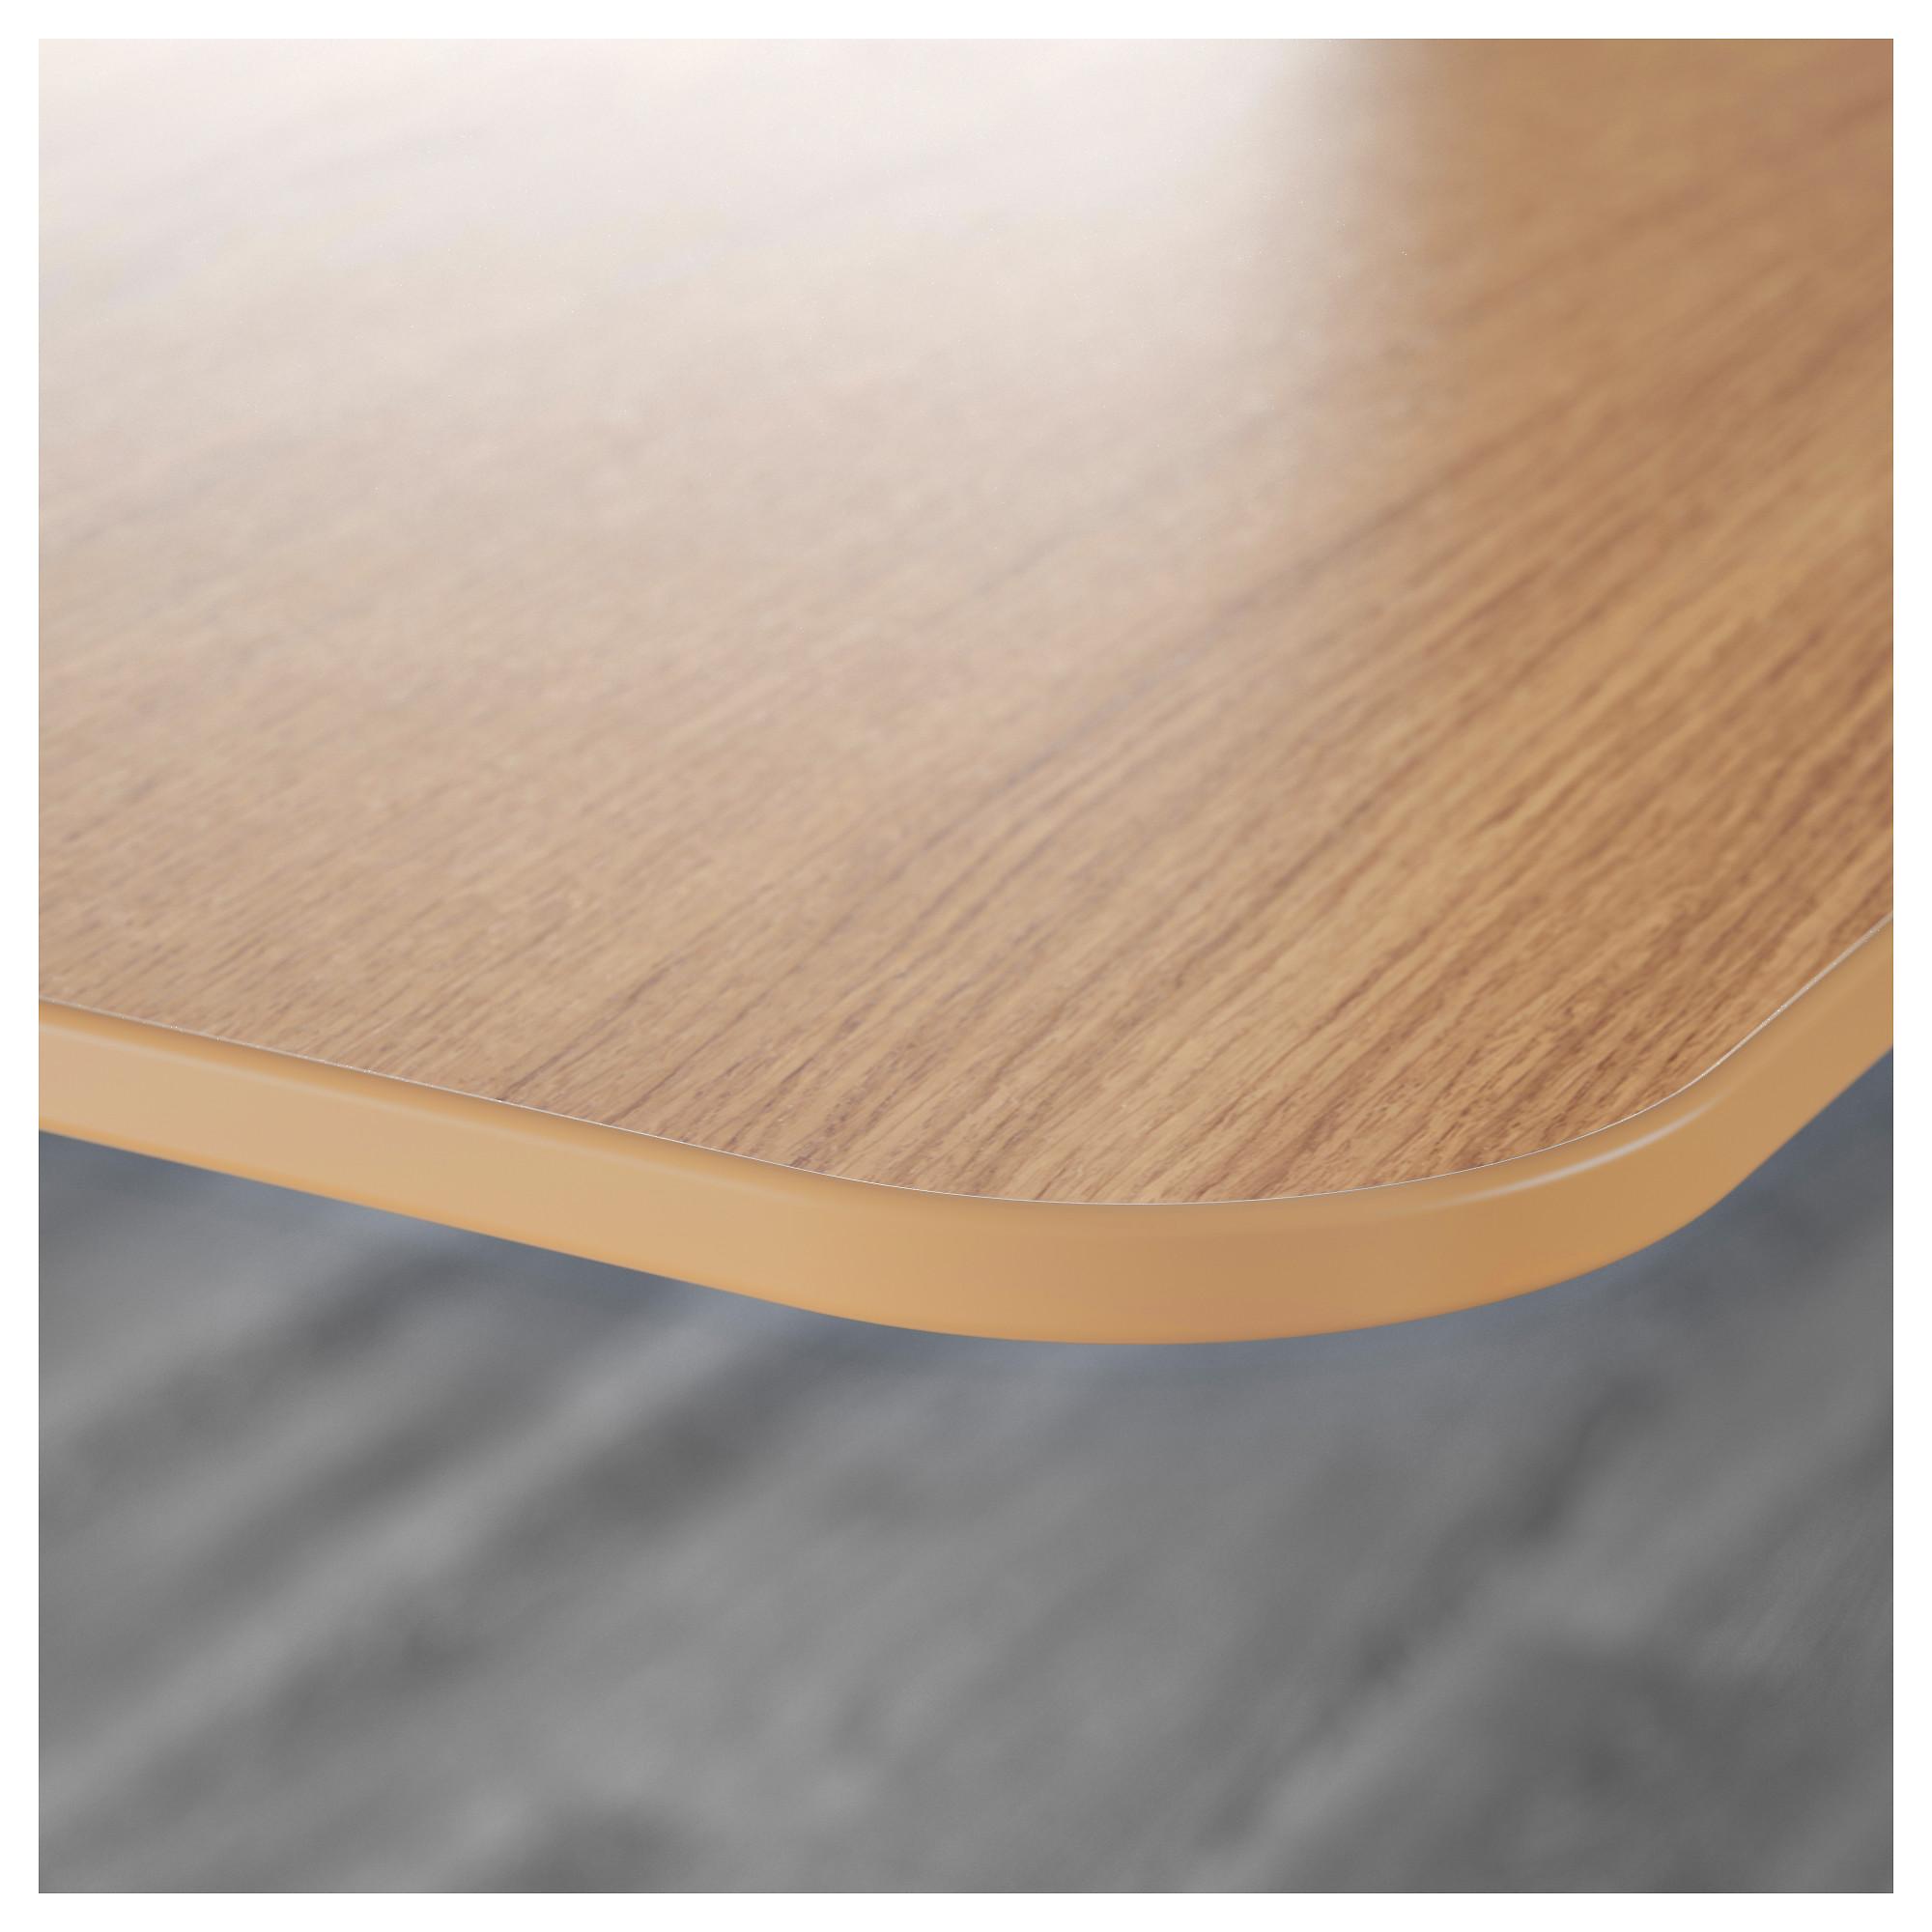 Стол с экраном БЕКАНТ белый артикуль № 892.786.45 в наличии. Online сайт IKEA Республика Беларусь. Недорогая доставка и установка.